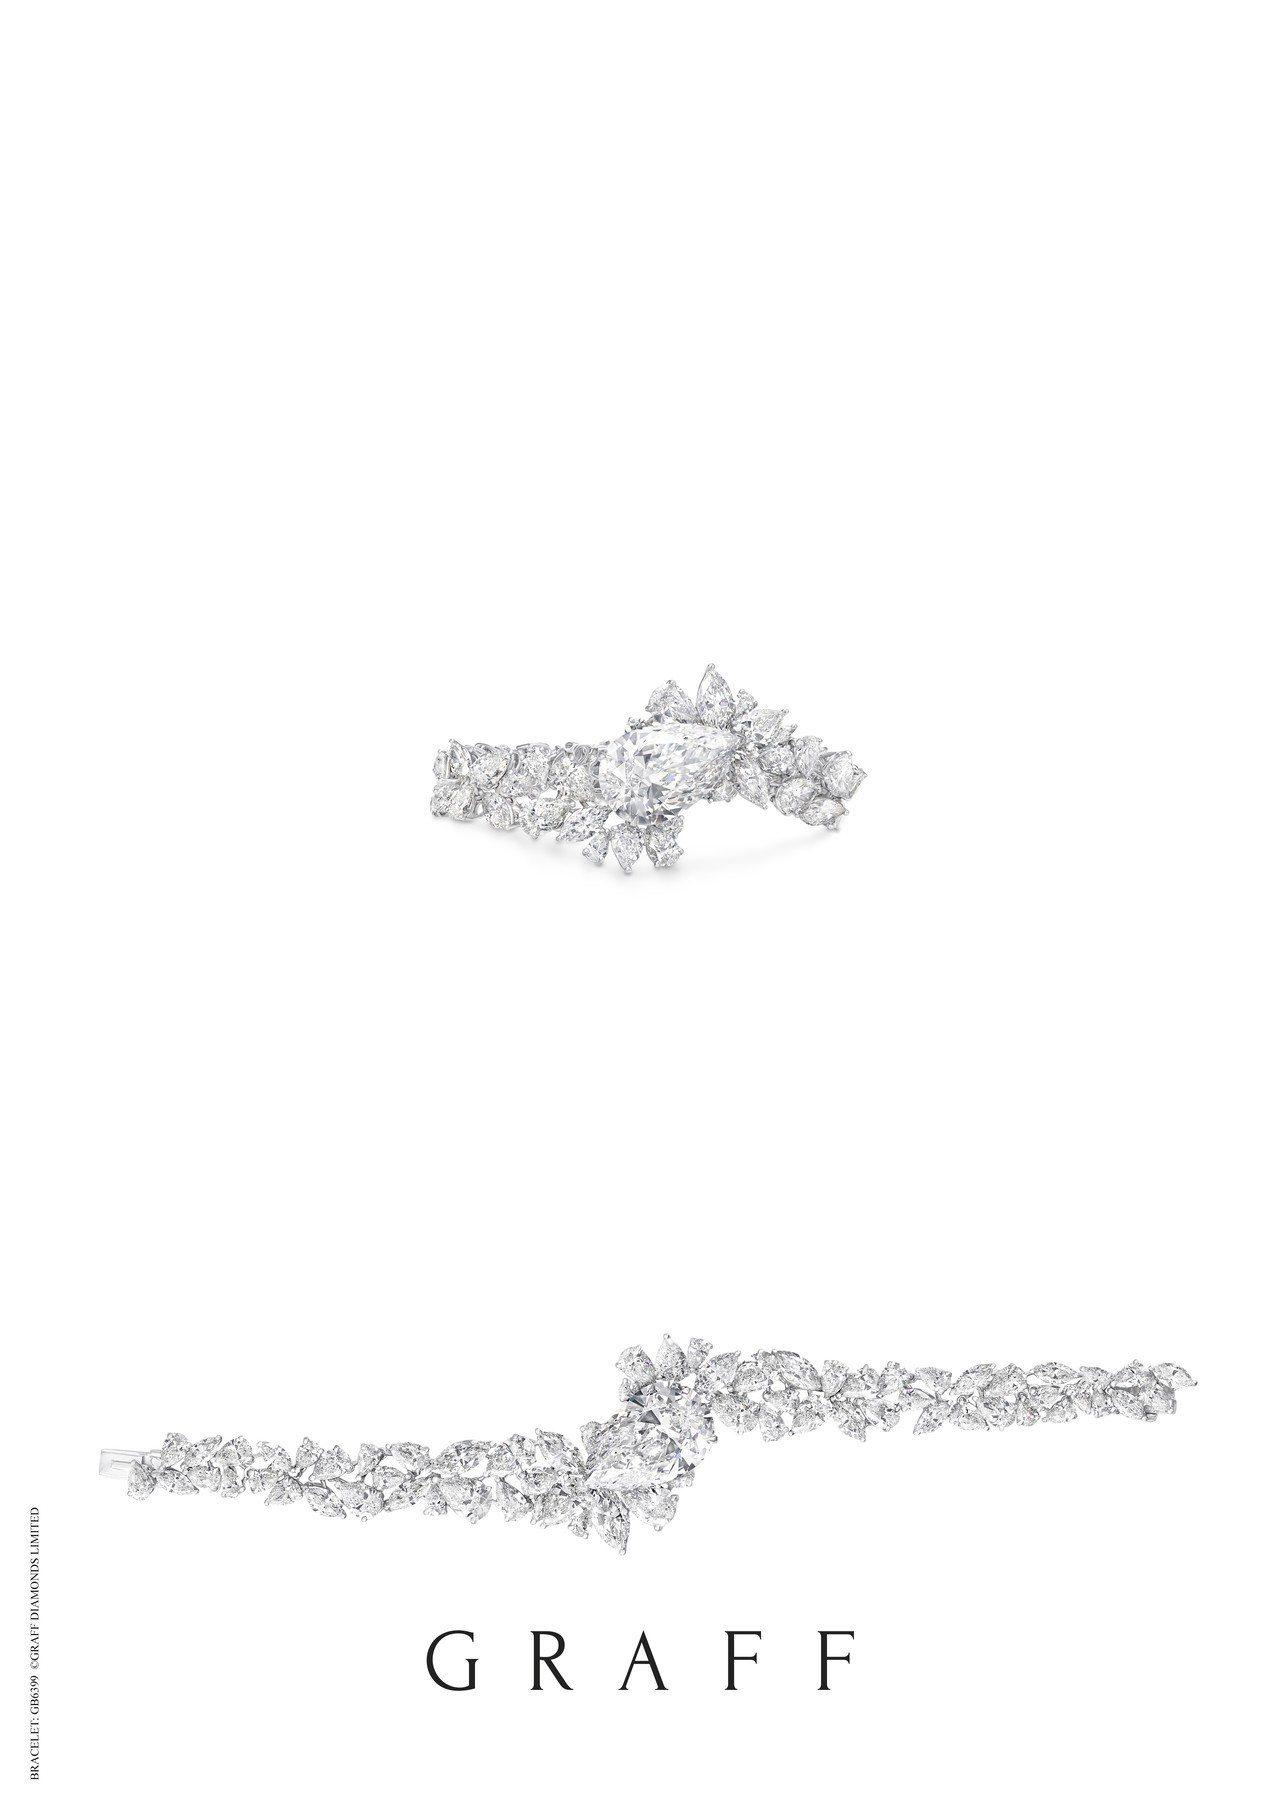 格拉夫多形切割鑽石手鐲,鑲嵌一顆19.23克拉梨形DIF鑽石主石,鑽石共重52....